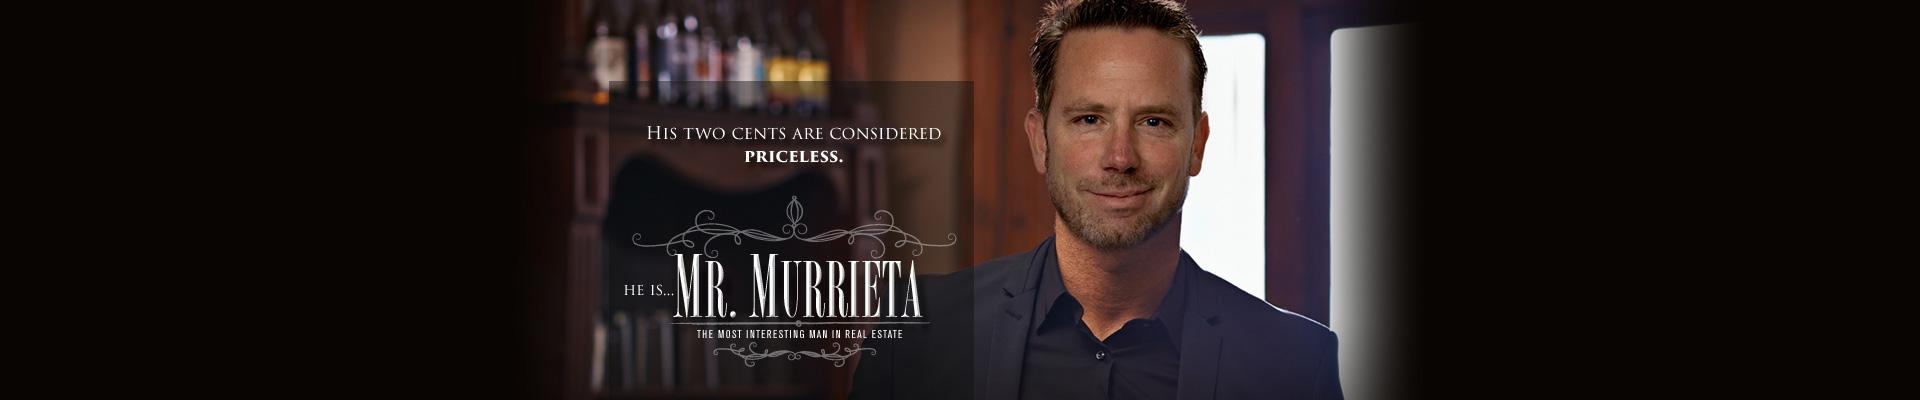 MrMurrietaSlider3